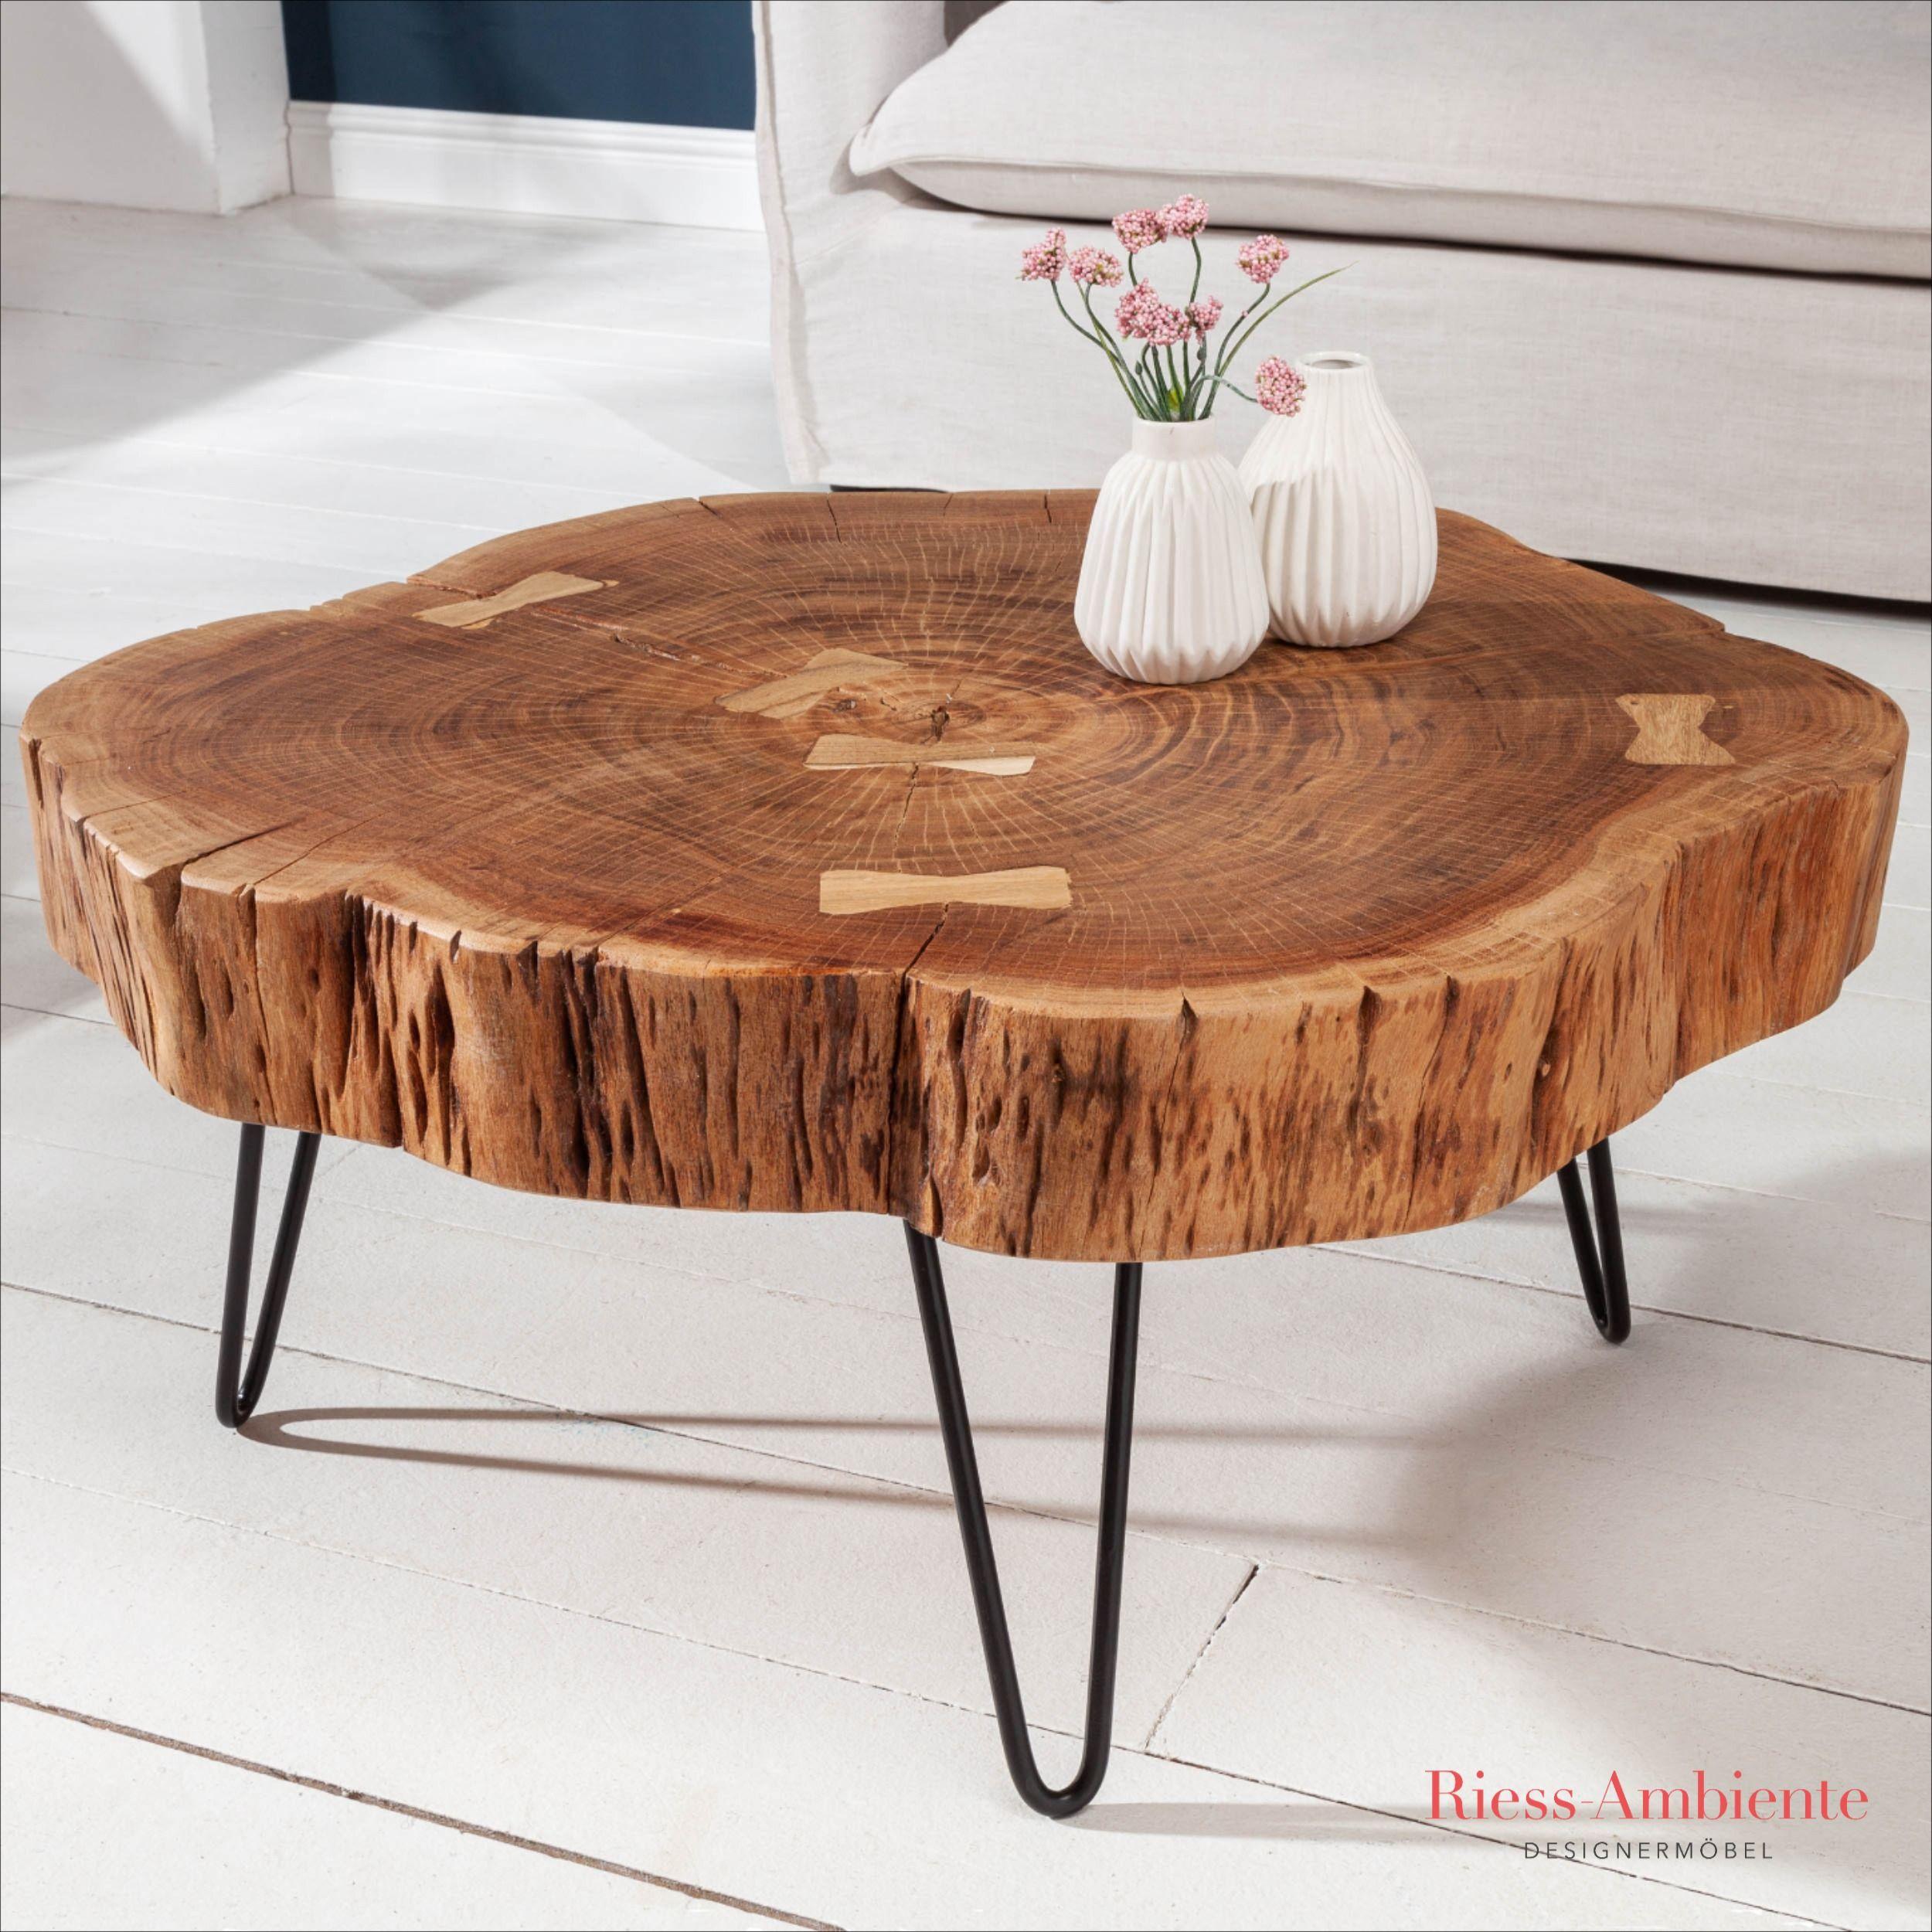 Handgearbeiteter Baumstamm Couchtisch Goa 80cm Akazie Hairping Legs In 2020 Couchtisch Baumstamm Holzscheibe Tisch Couchtisch